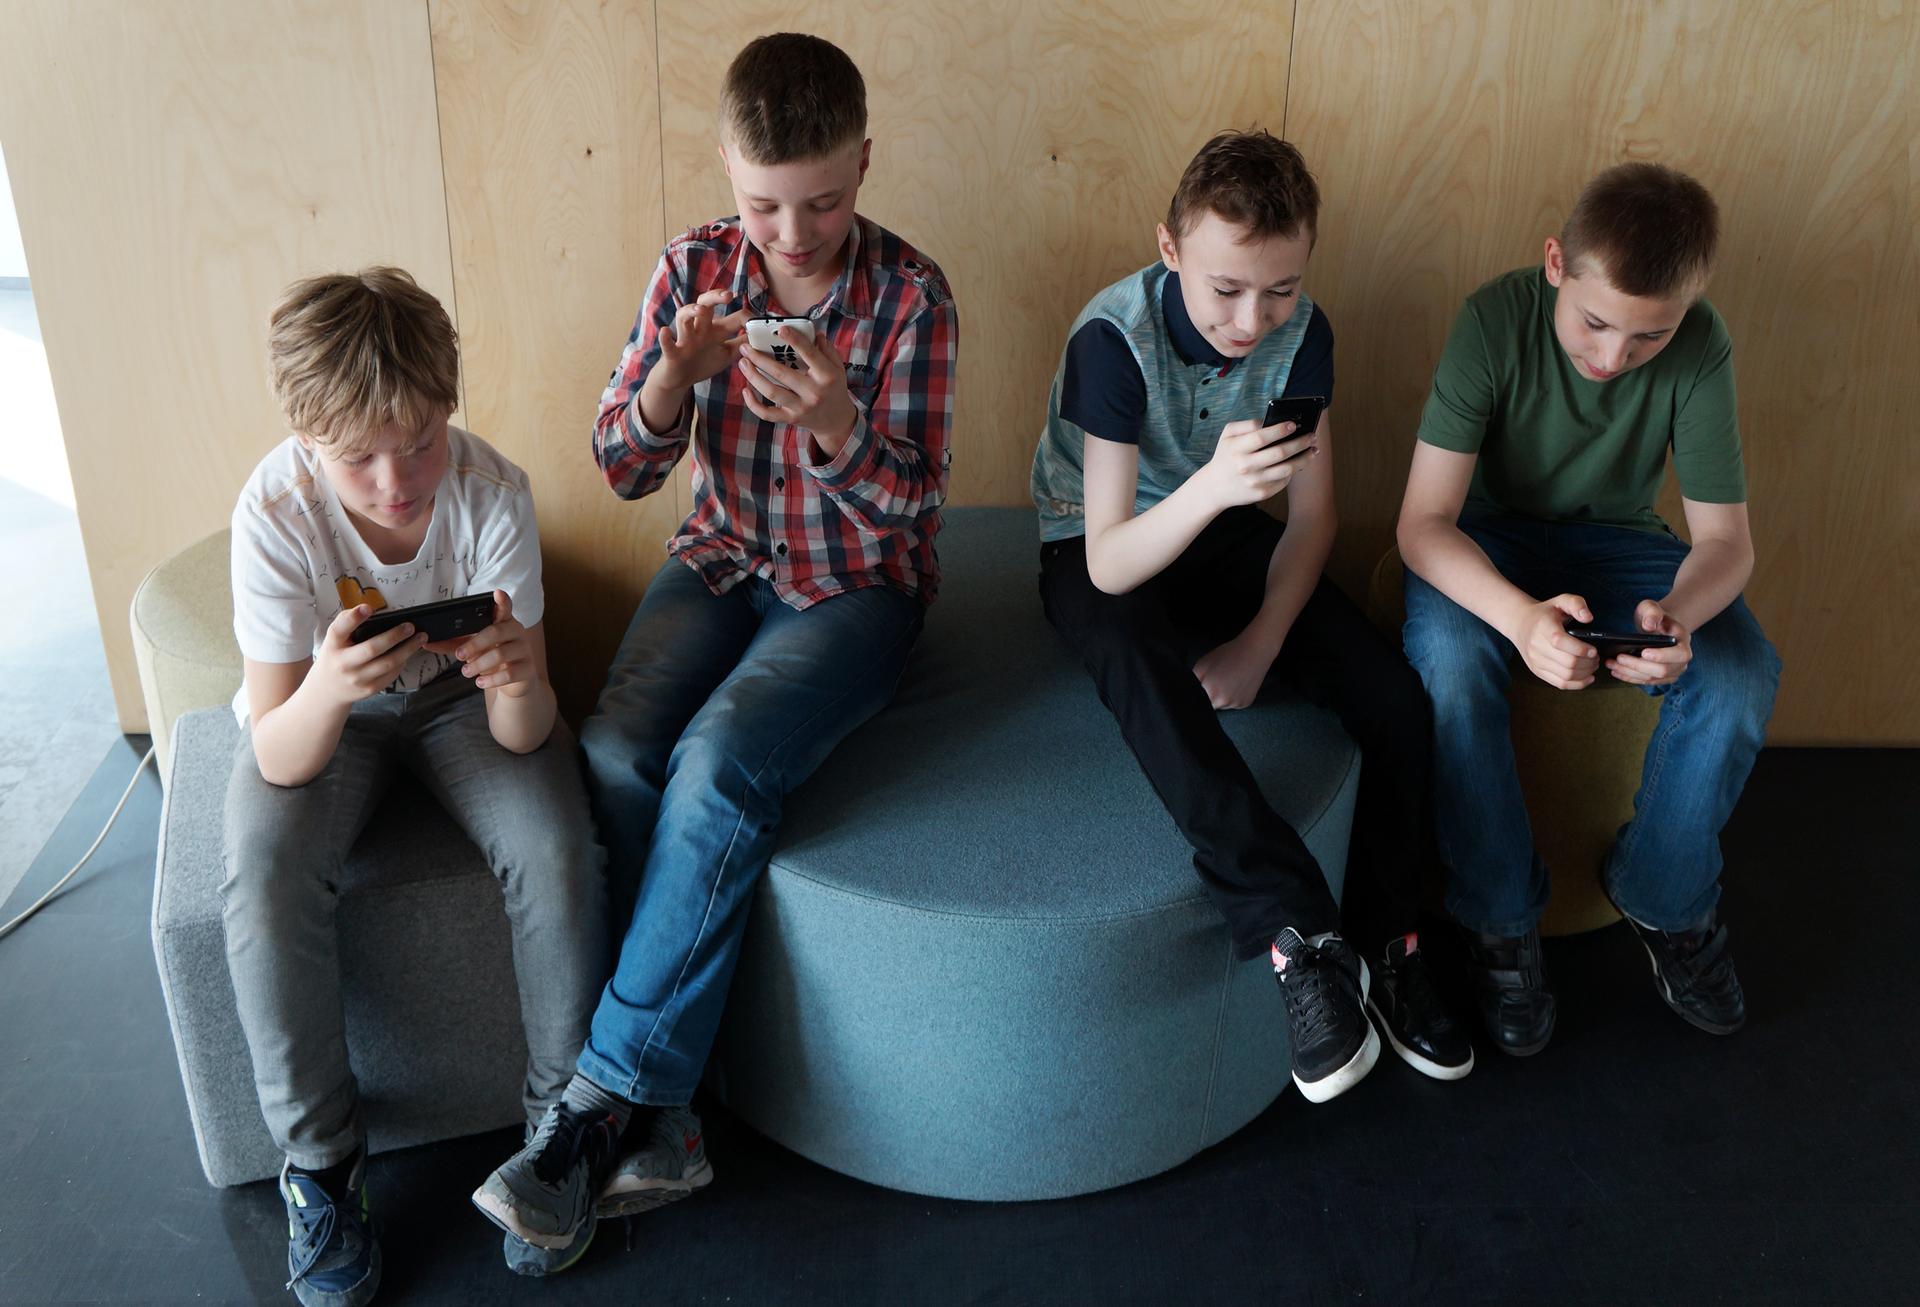 Fotografia przestawia widzianą zgóry grupę czterech chłopców. Mają około 10-12 lat. Siedzą na pufach. Każdy znich patrzy wekran swojego telefonu, odczytuje lub wysyła wiadomości.